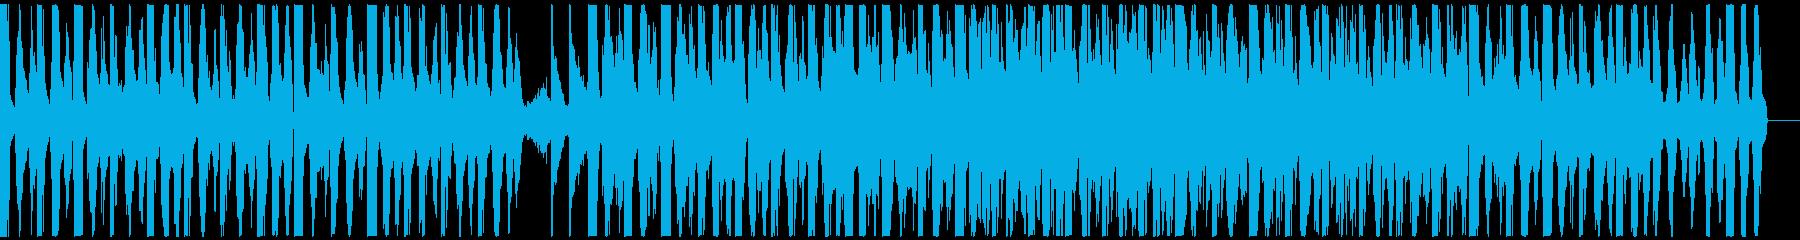 ダーク、インダストリアルなエレクトロビーの再生済みの波形